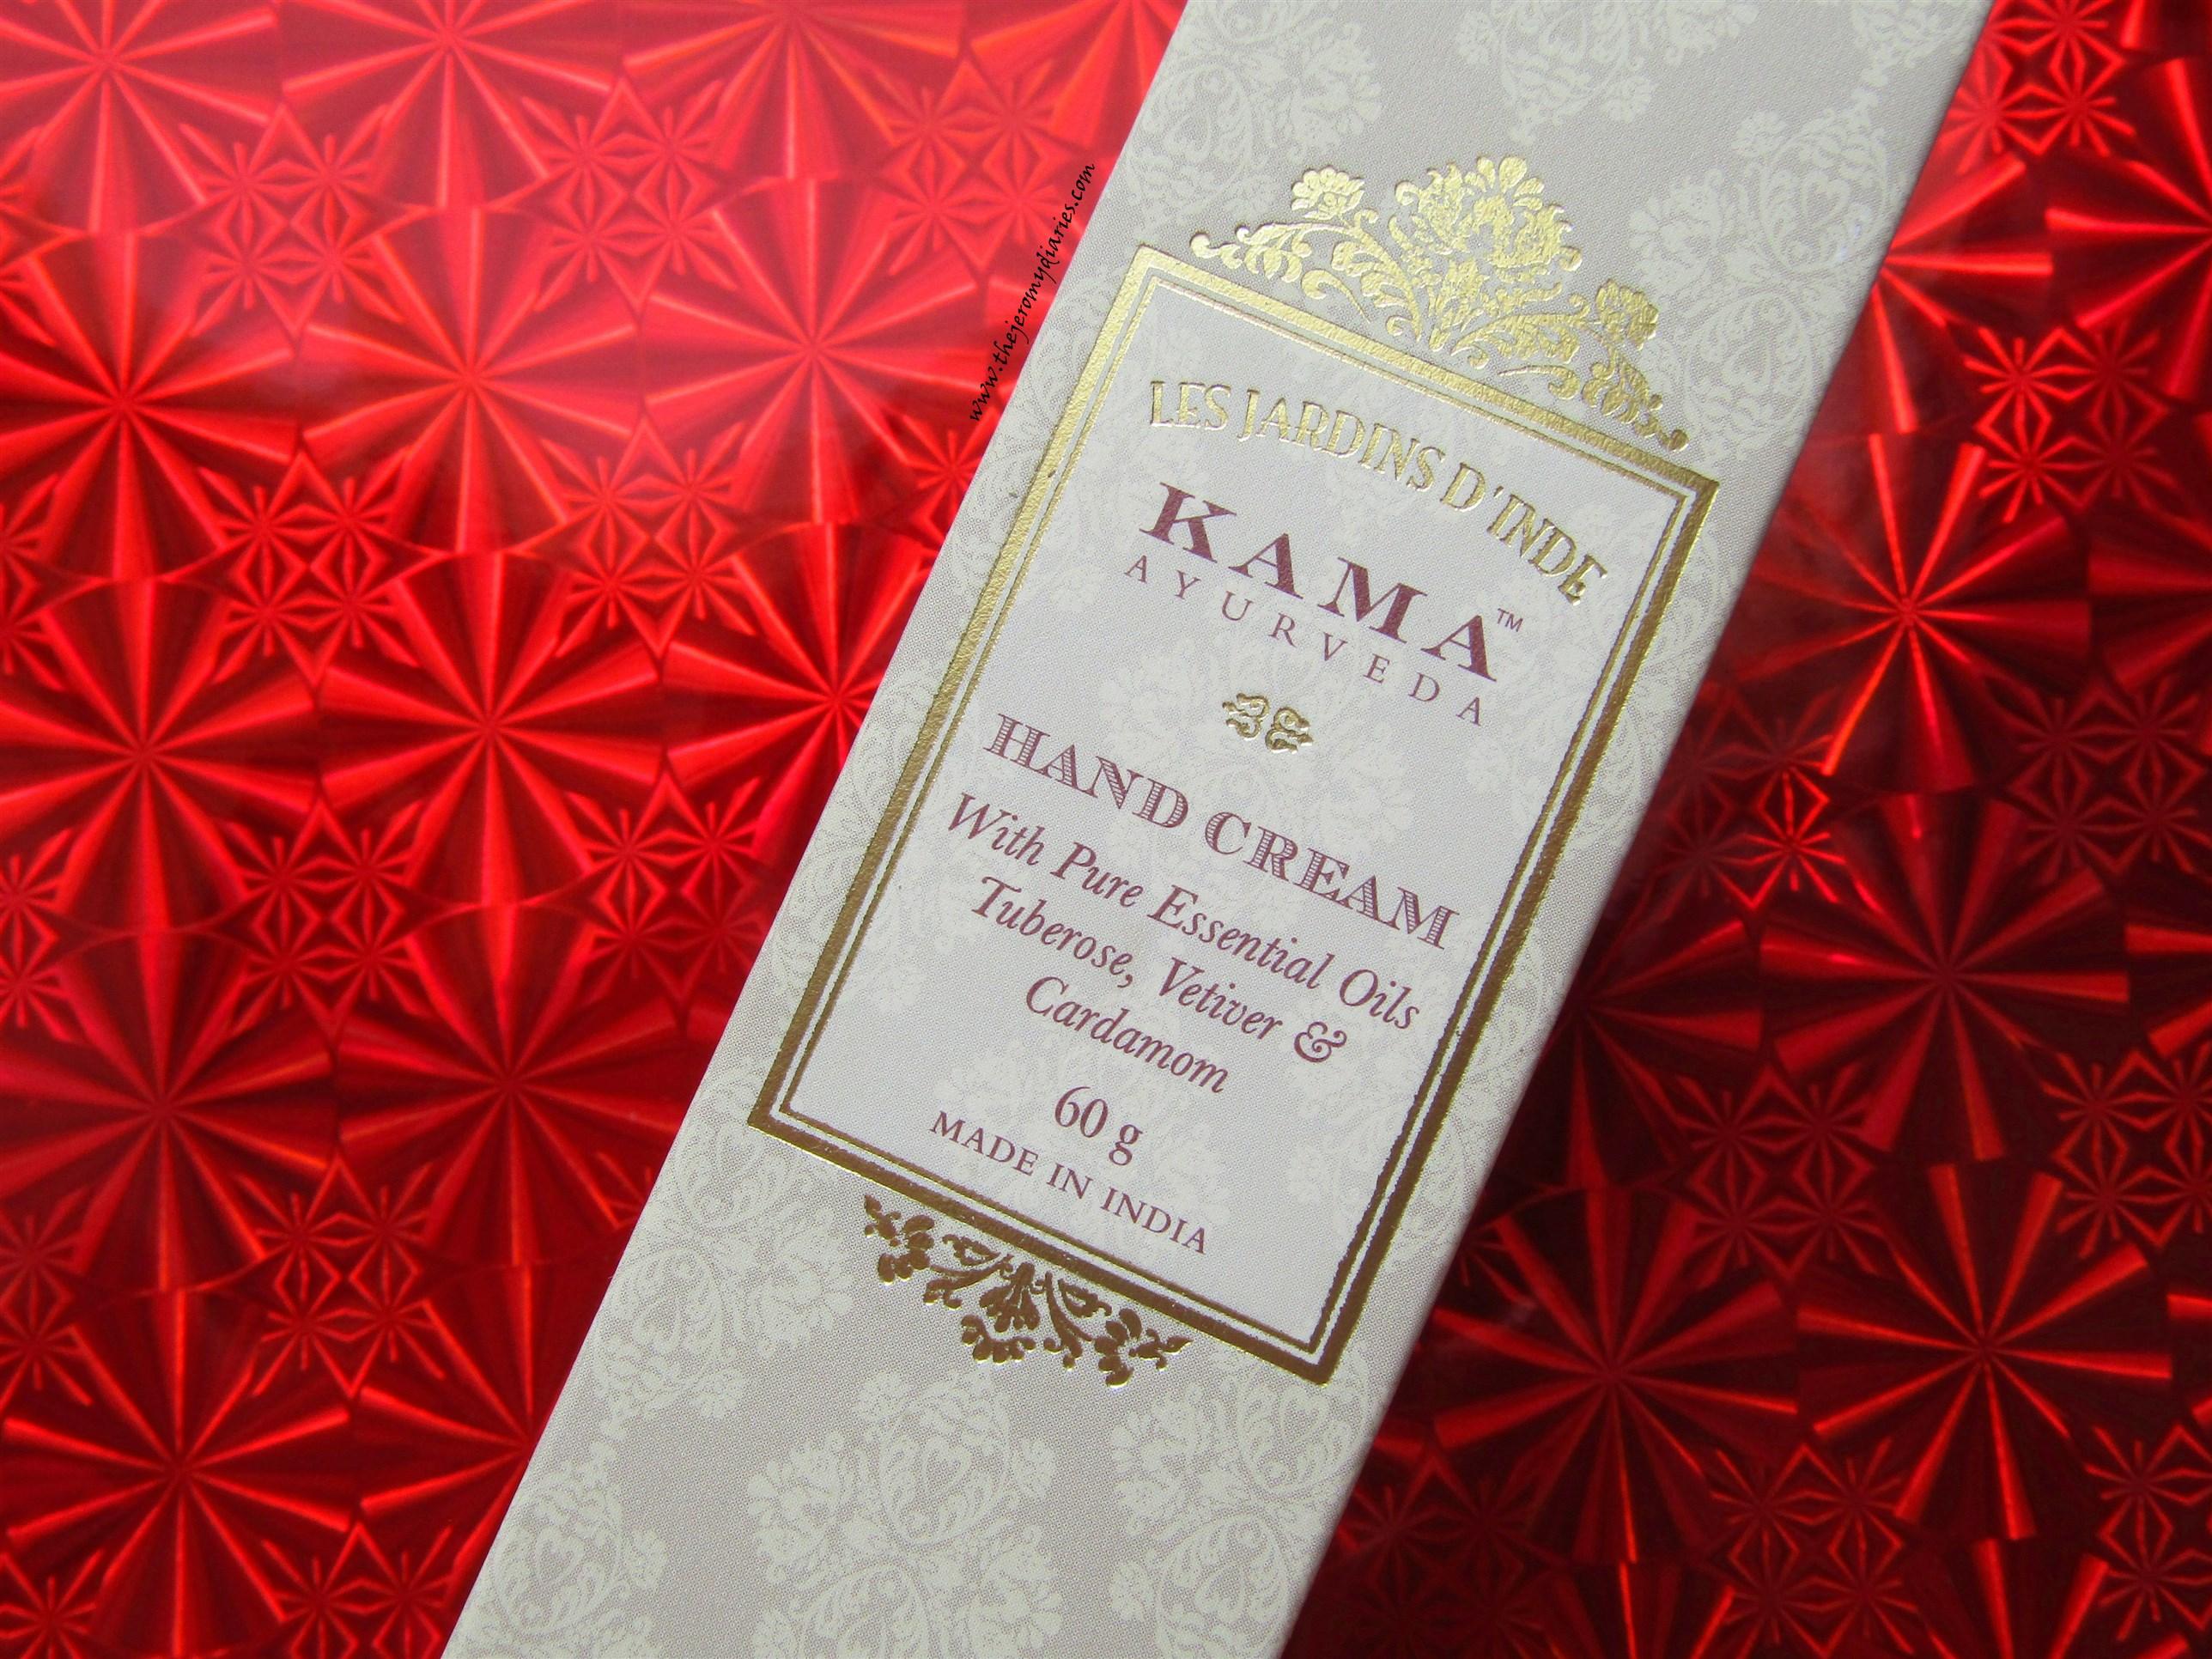 kama ayurveda hand cream review the jeromy diaries